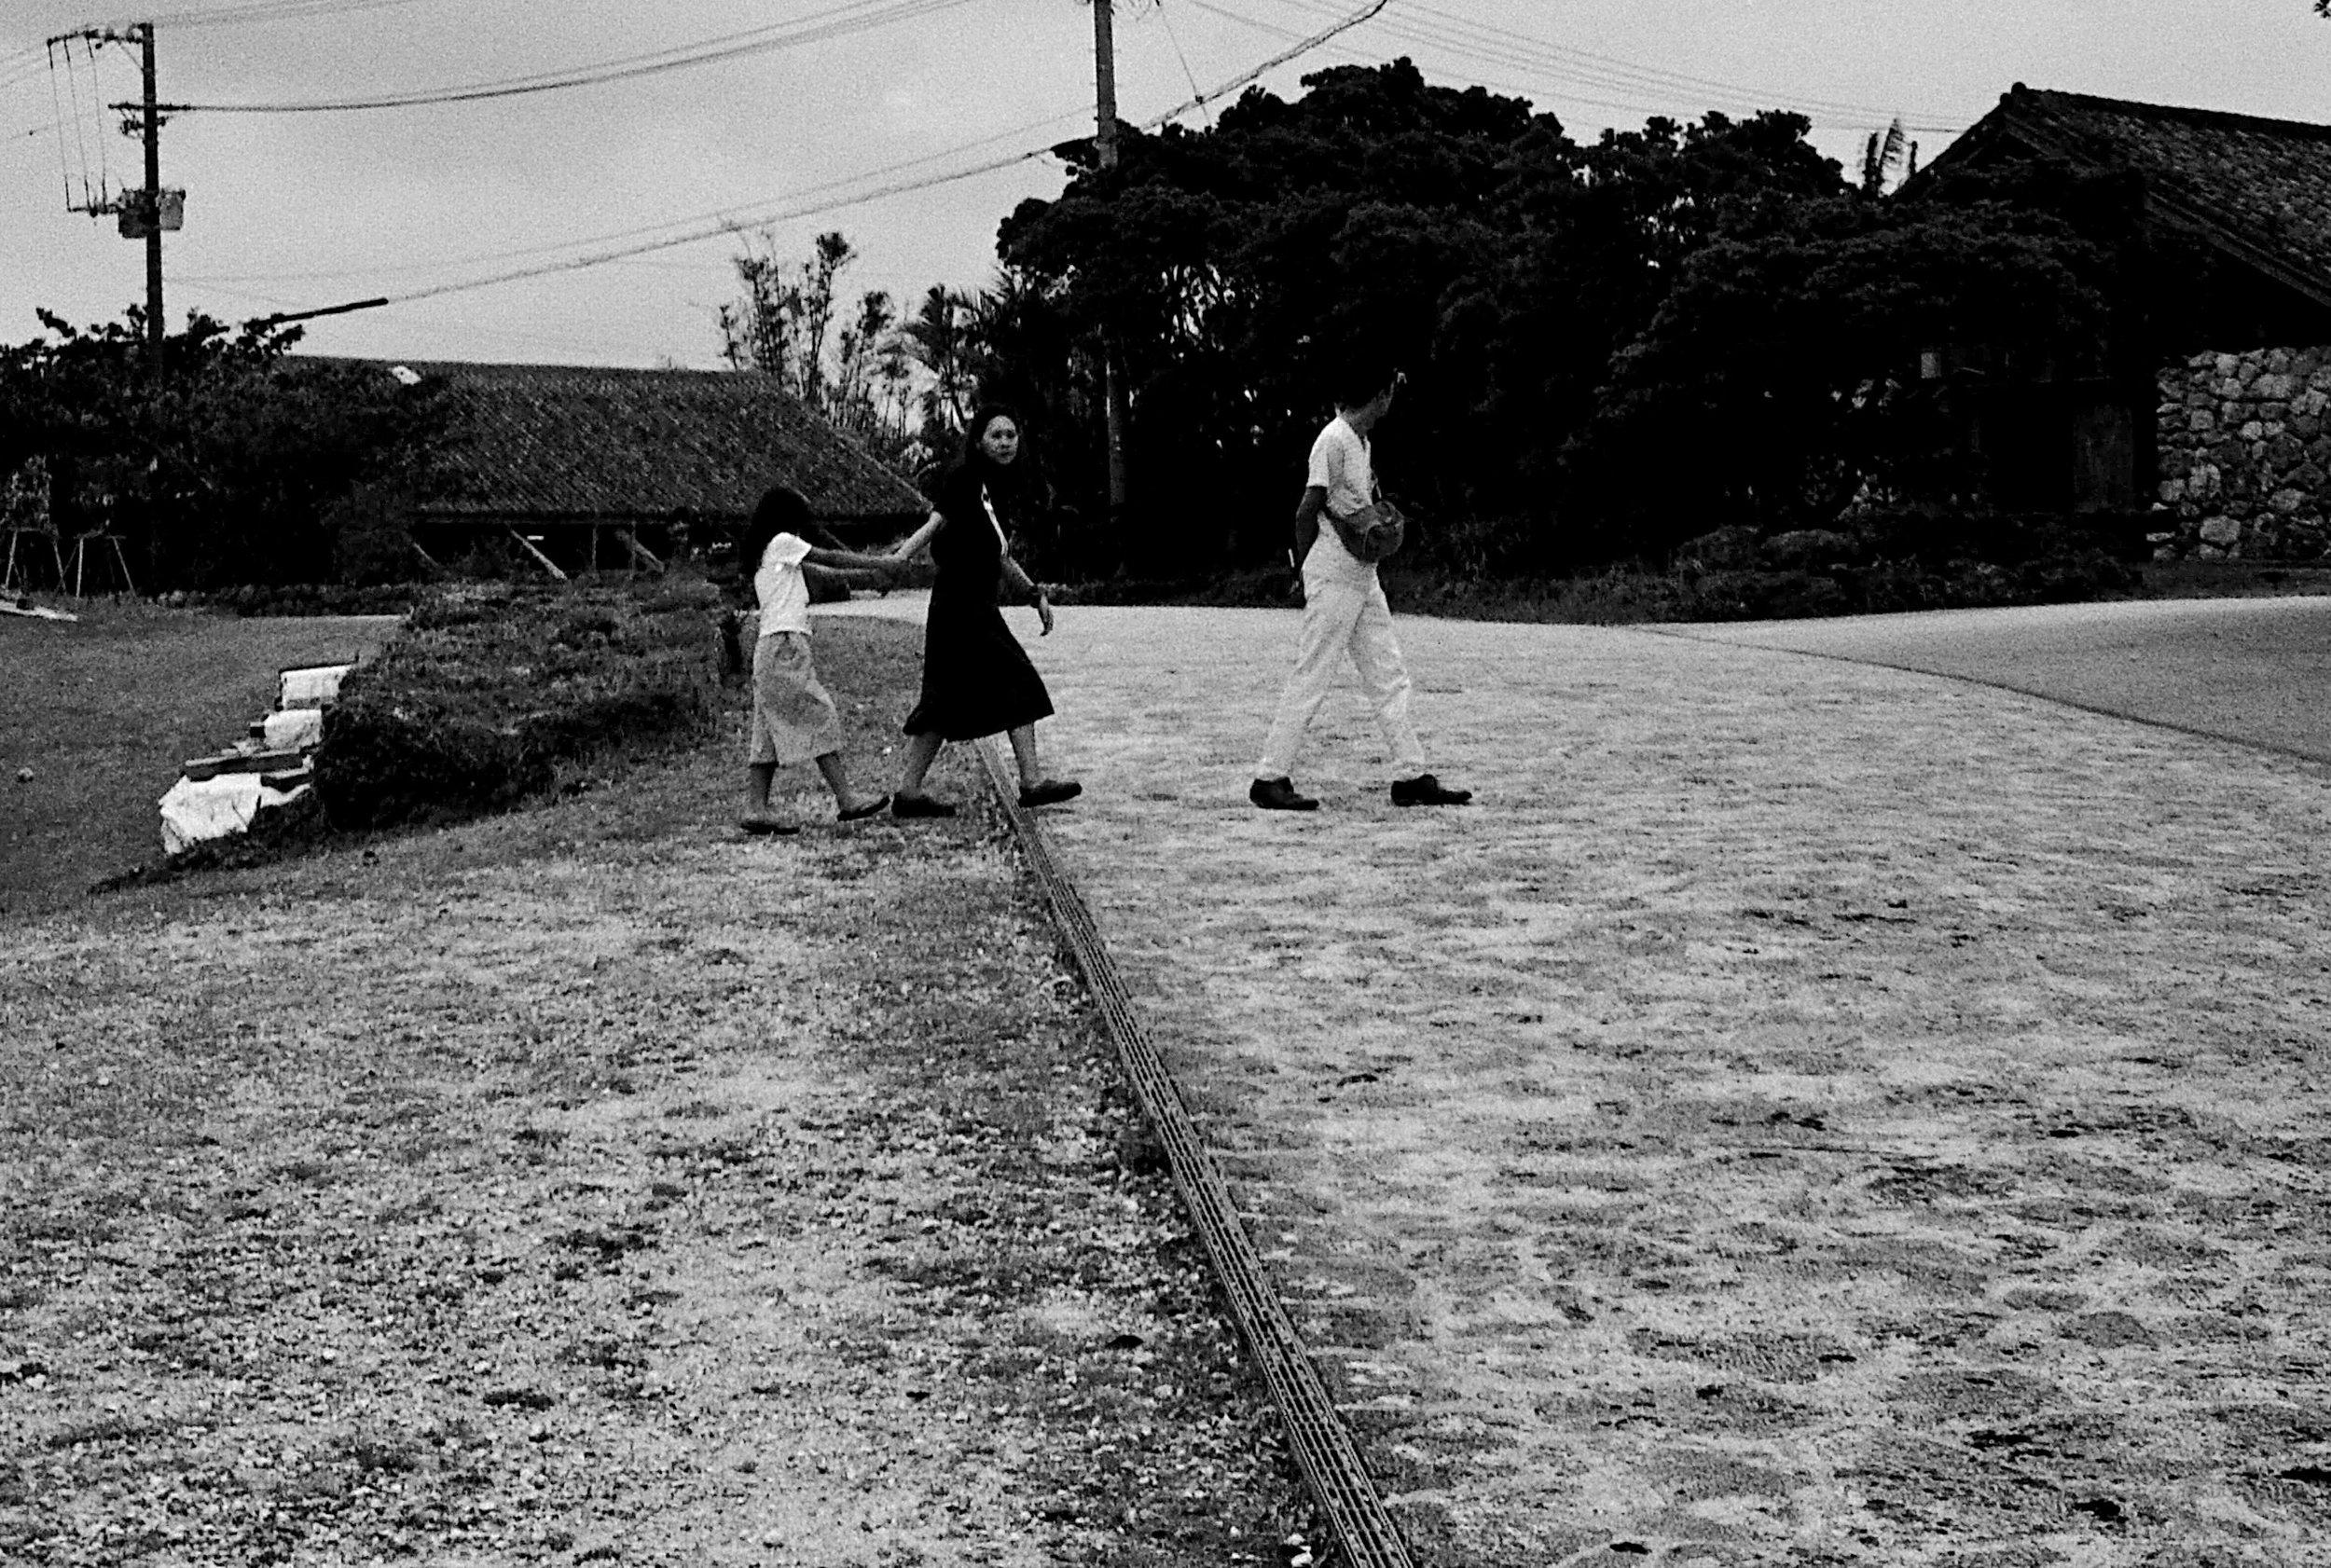 Leica M6 Summicron/35mm